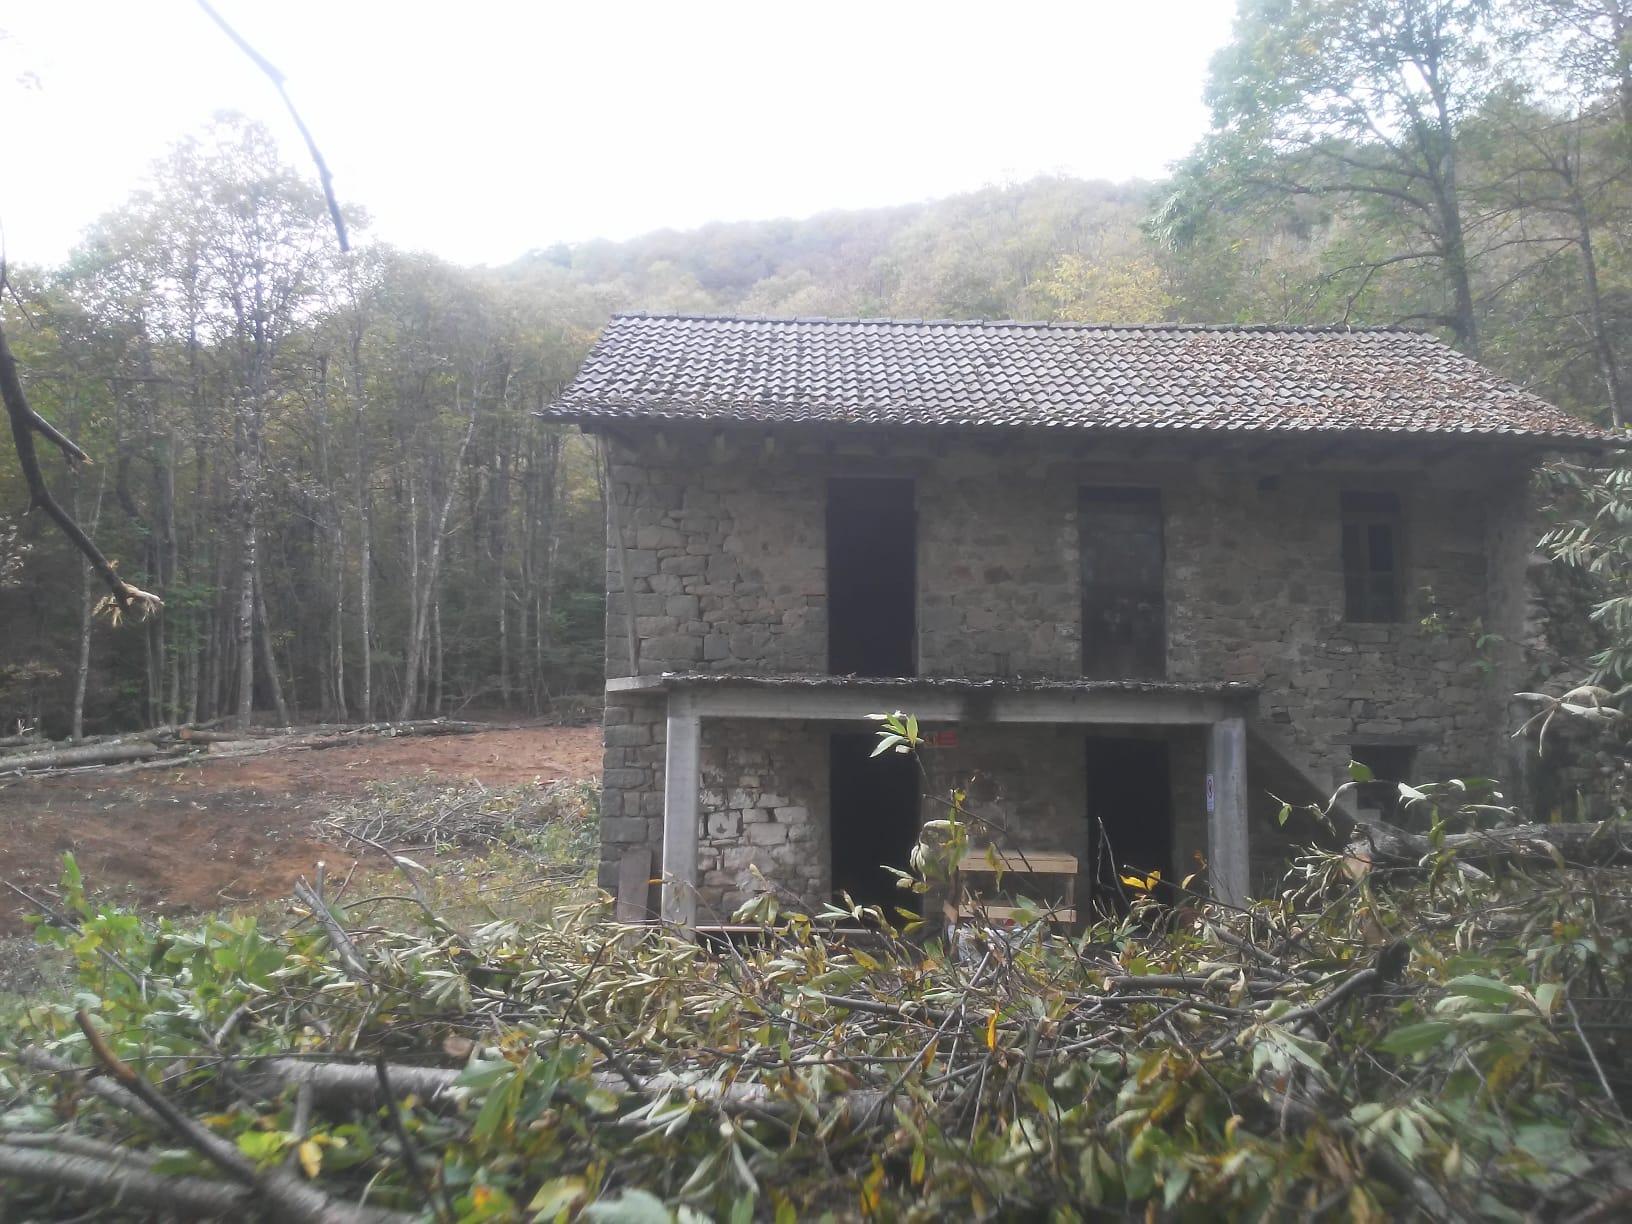 Cerco persone interessate ad un progetto di ecovillaggio autosufficiente in Toscana